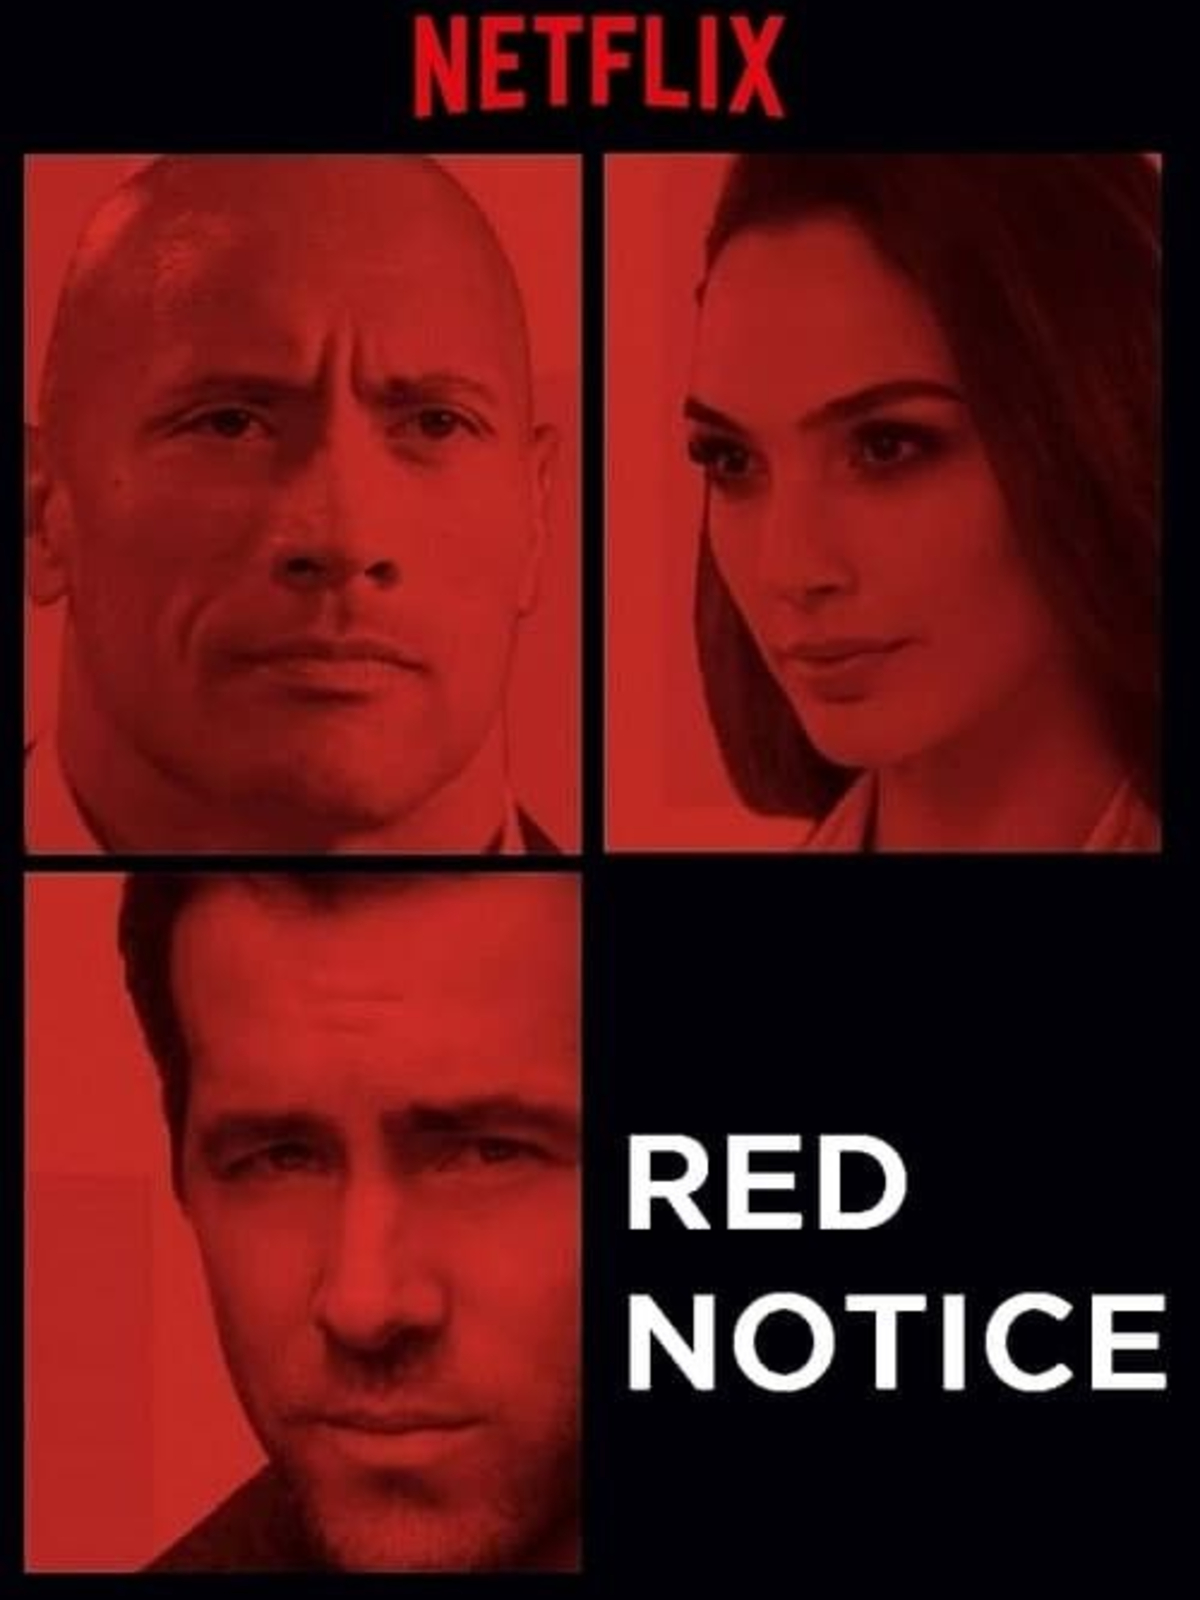 Alerta Vermelho | Comédia de ação com Dwayne Johnson, Ryan Reynolds e Gal Gadot na Netflix